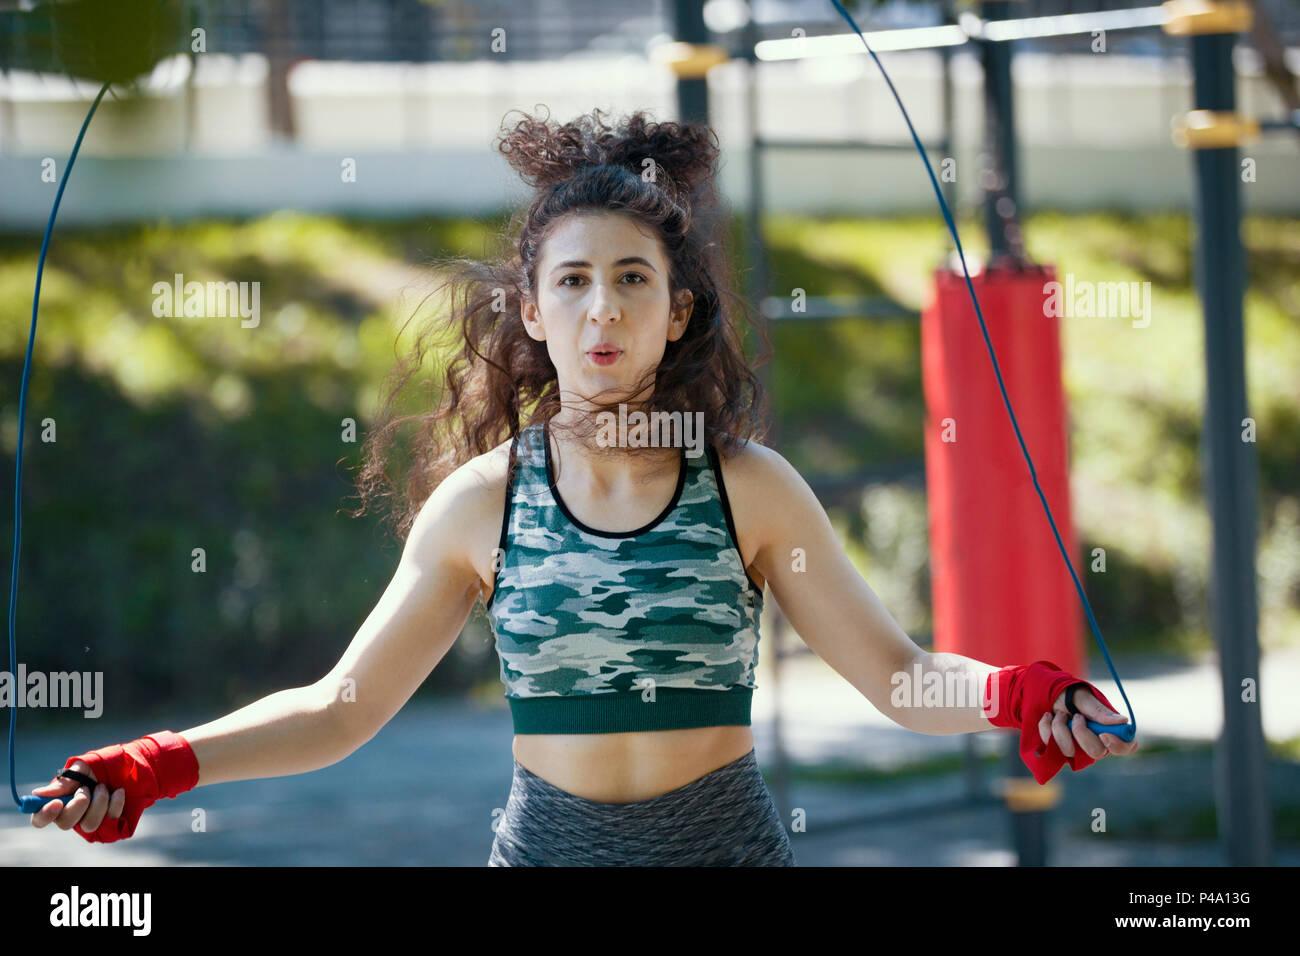 Jeune femme svelte sauter avec une corde, à l'extérieur à l'entraînement de boxe journée ensoleillée Photo Stock